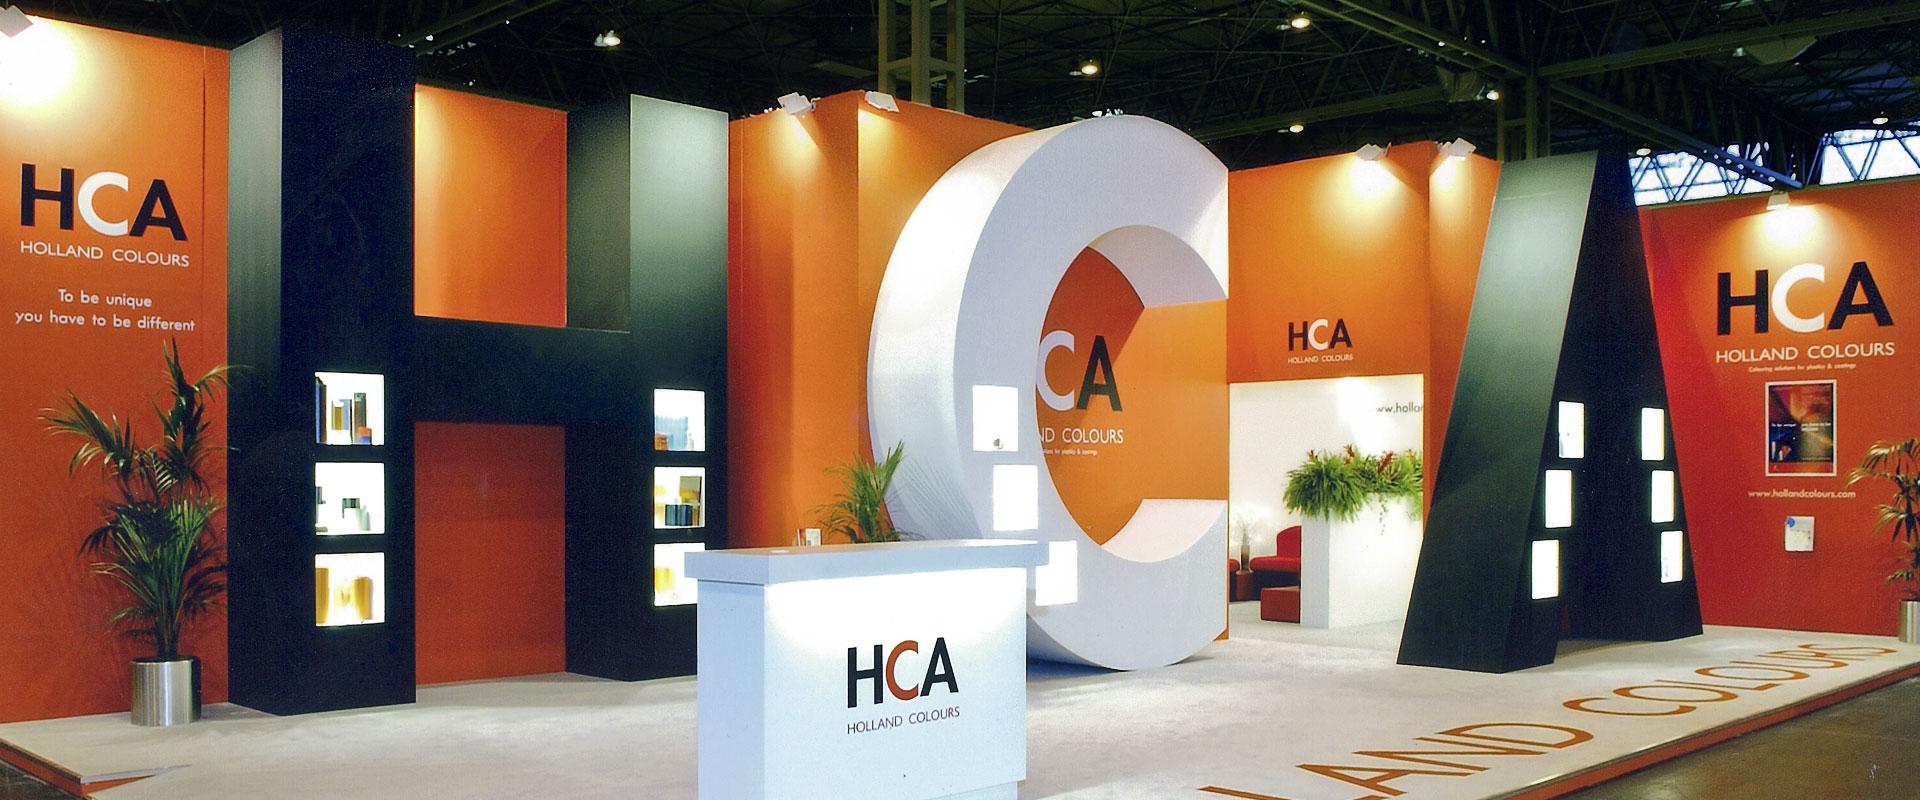 HCA Stand